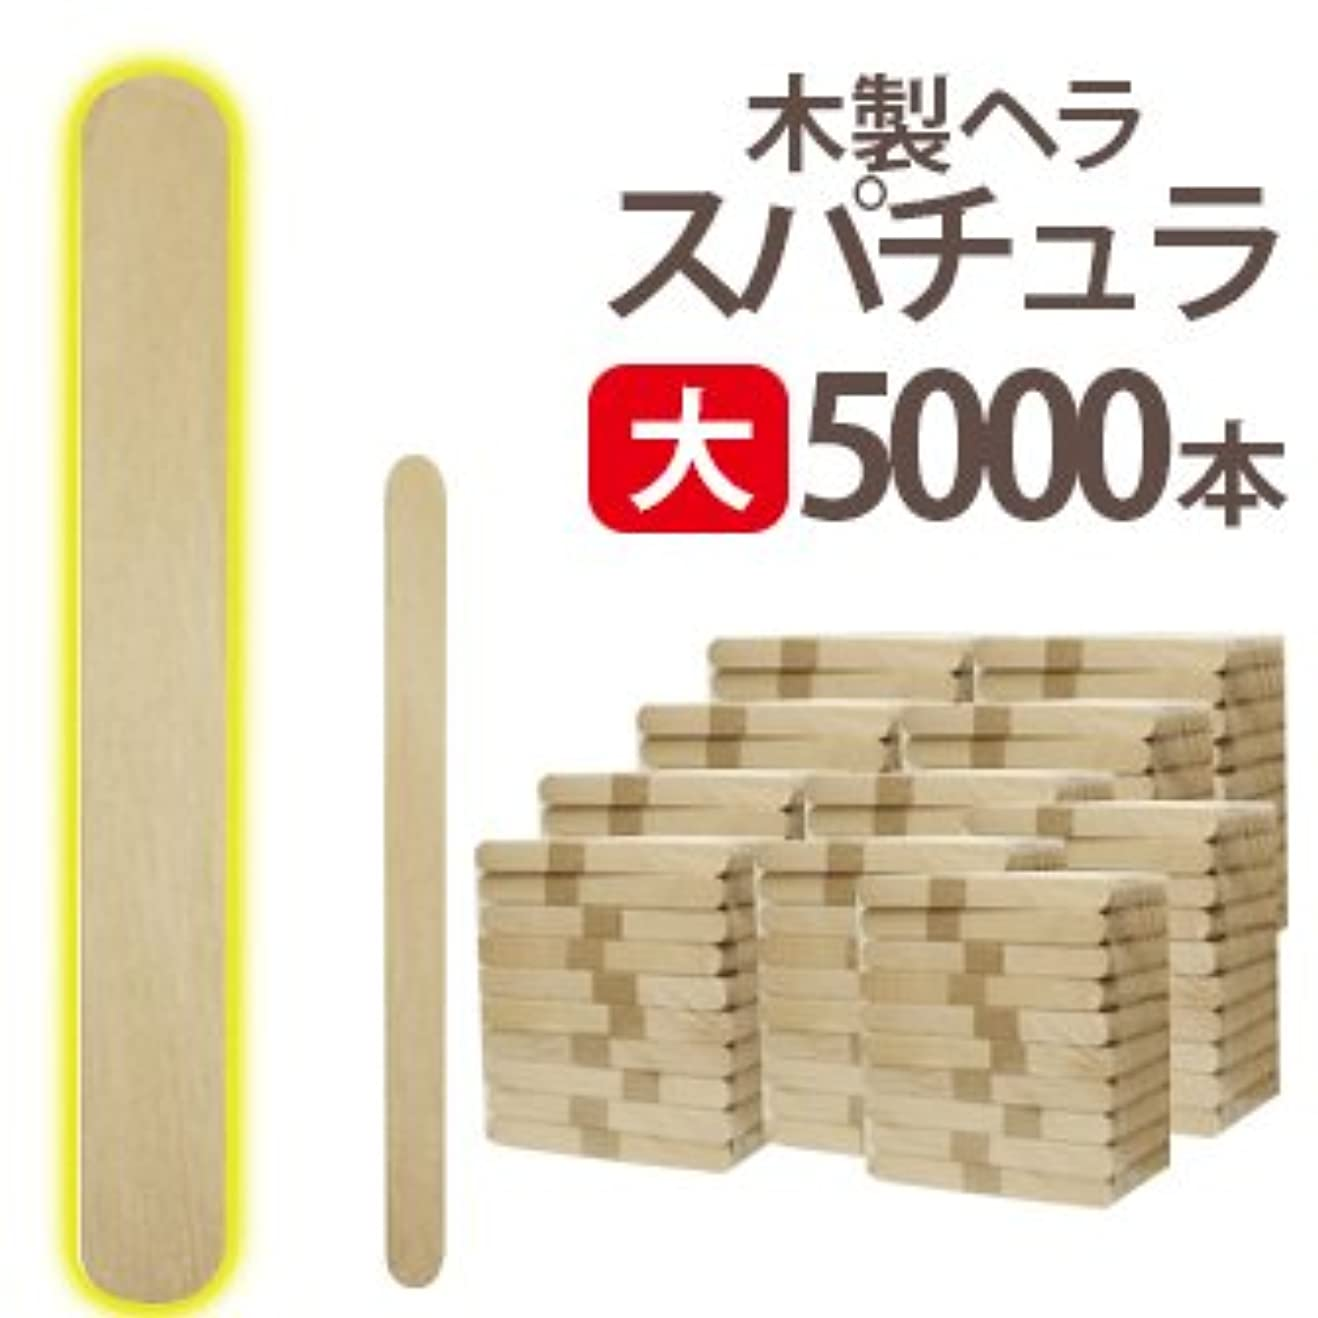 お客様辛なエイリアン大 ブラジリアンワックス 業務用5000本 スパチュラ Aタイプ(個別梱包なし 150×16)